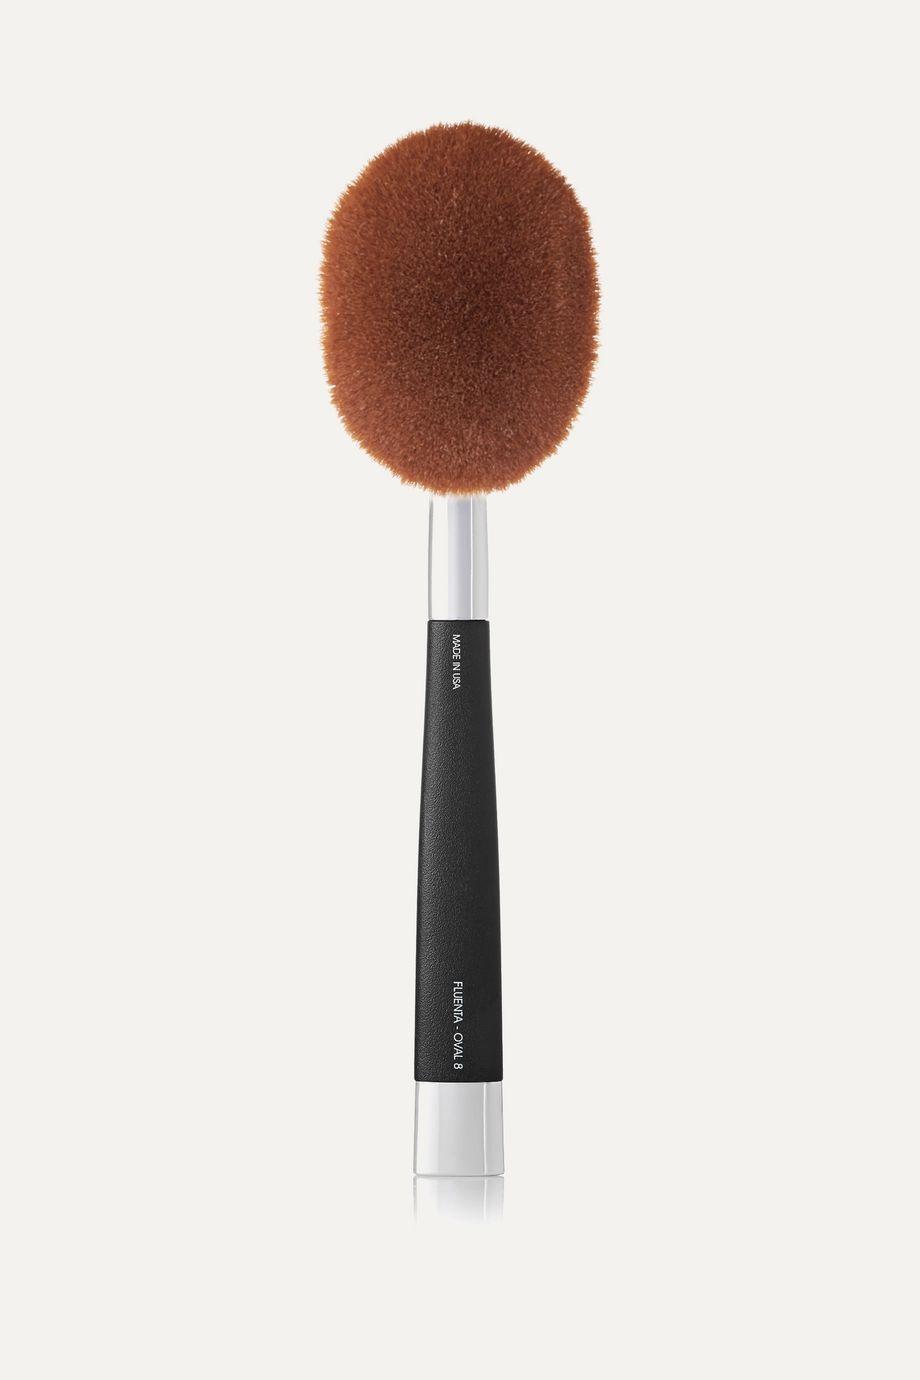 Artis Brush Fluenta Oval 8 Brush